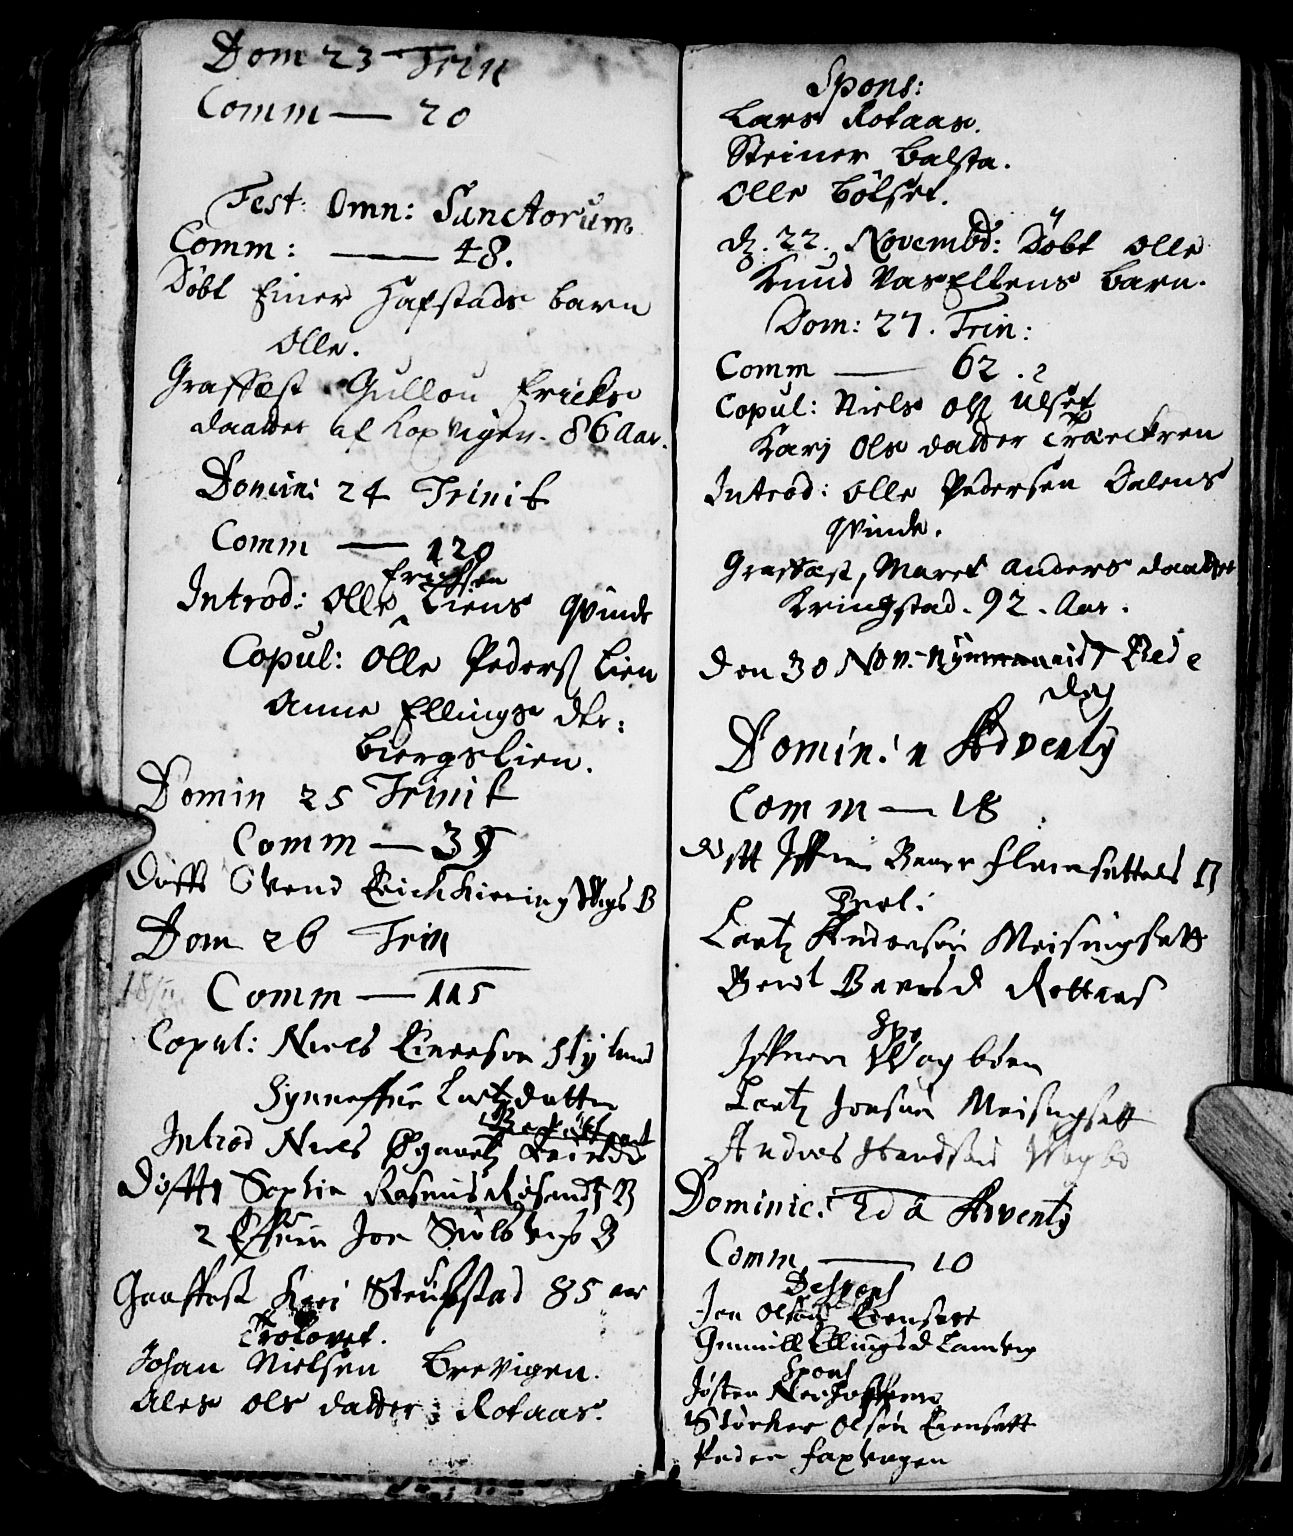 SAT, Ministerialprotokoller, klokkerbøker og fødselsregistre - Møre og Romsdal, 586/L0976: Ministerialbok nr. 586A02, 1664-1702